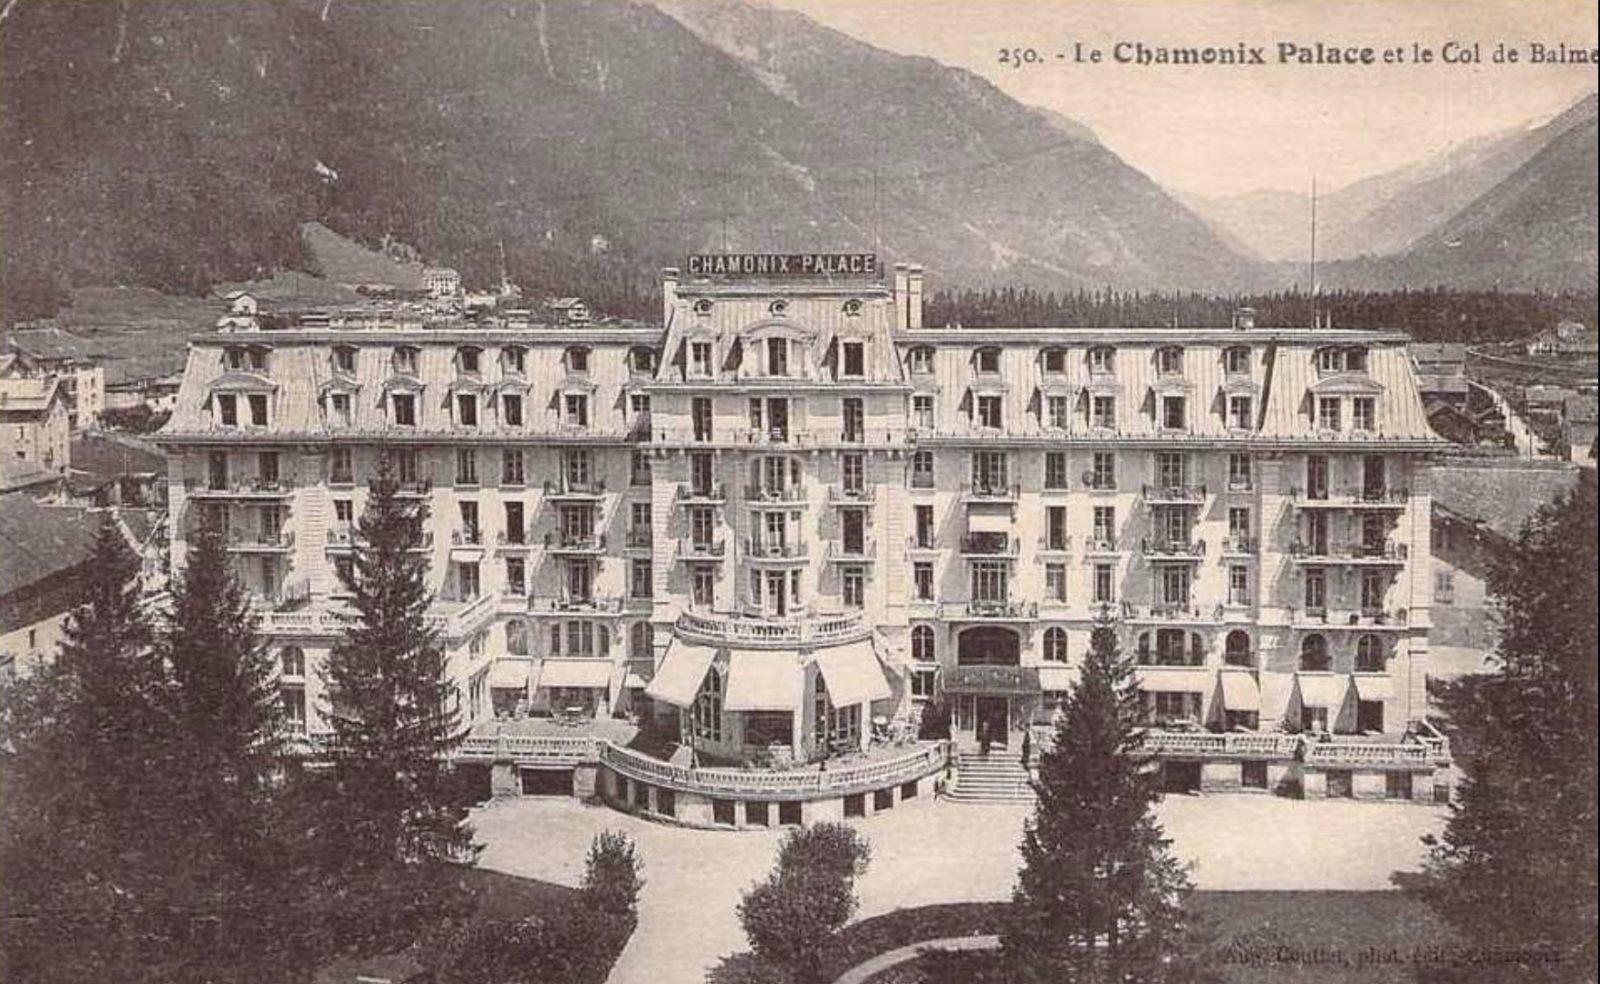 Chamonix Palace